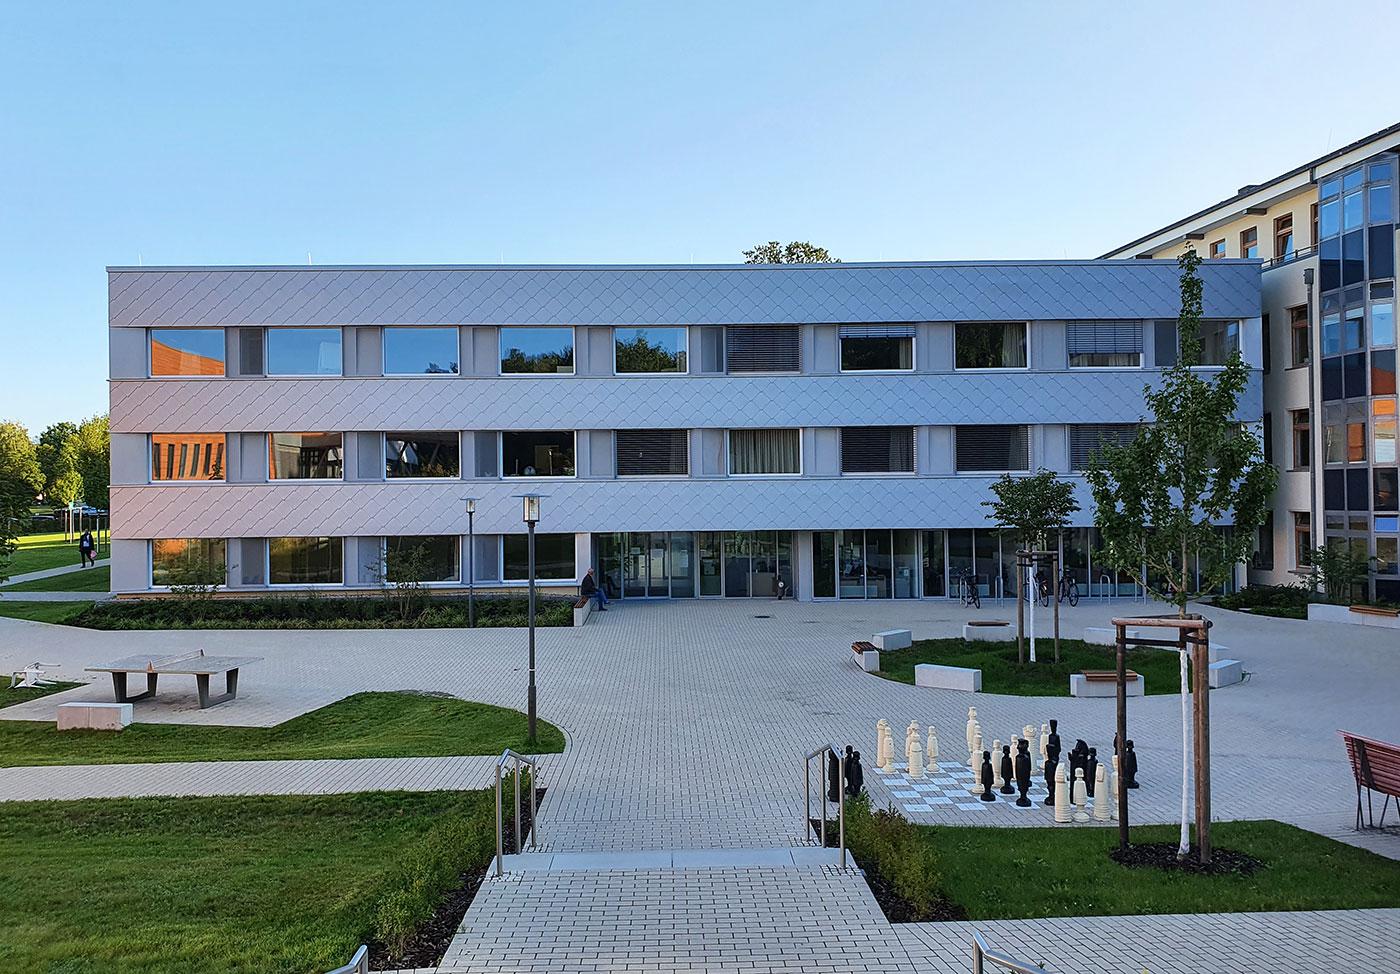 Errichtung eines Therapiezentrums Rüdersdorf - Bild 2